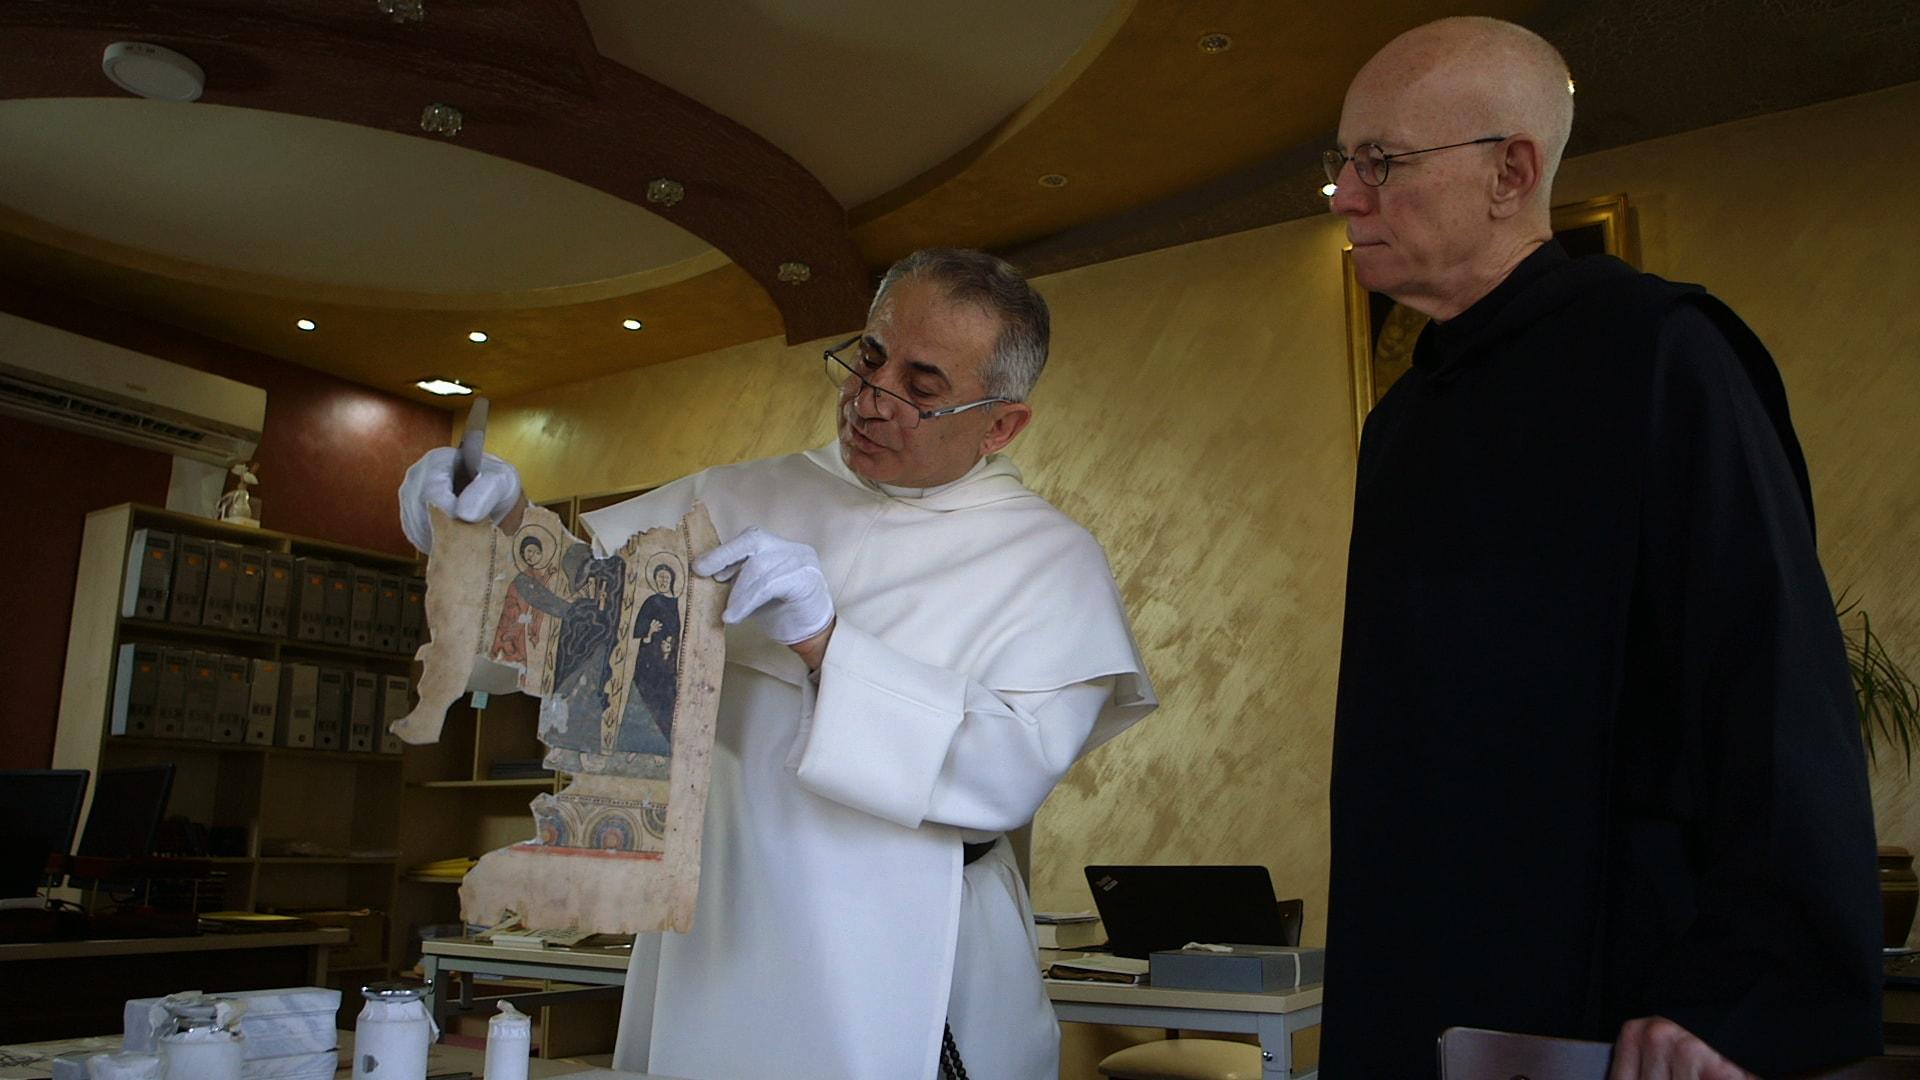 Manuscrits en péril de Susanne Brahms image Pater Nejeeb und Pater Columba documentaire